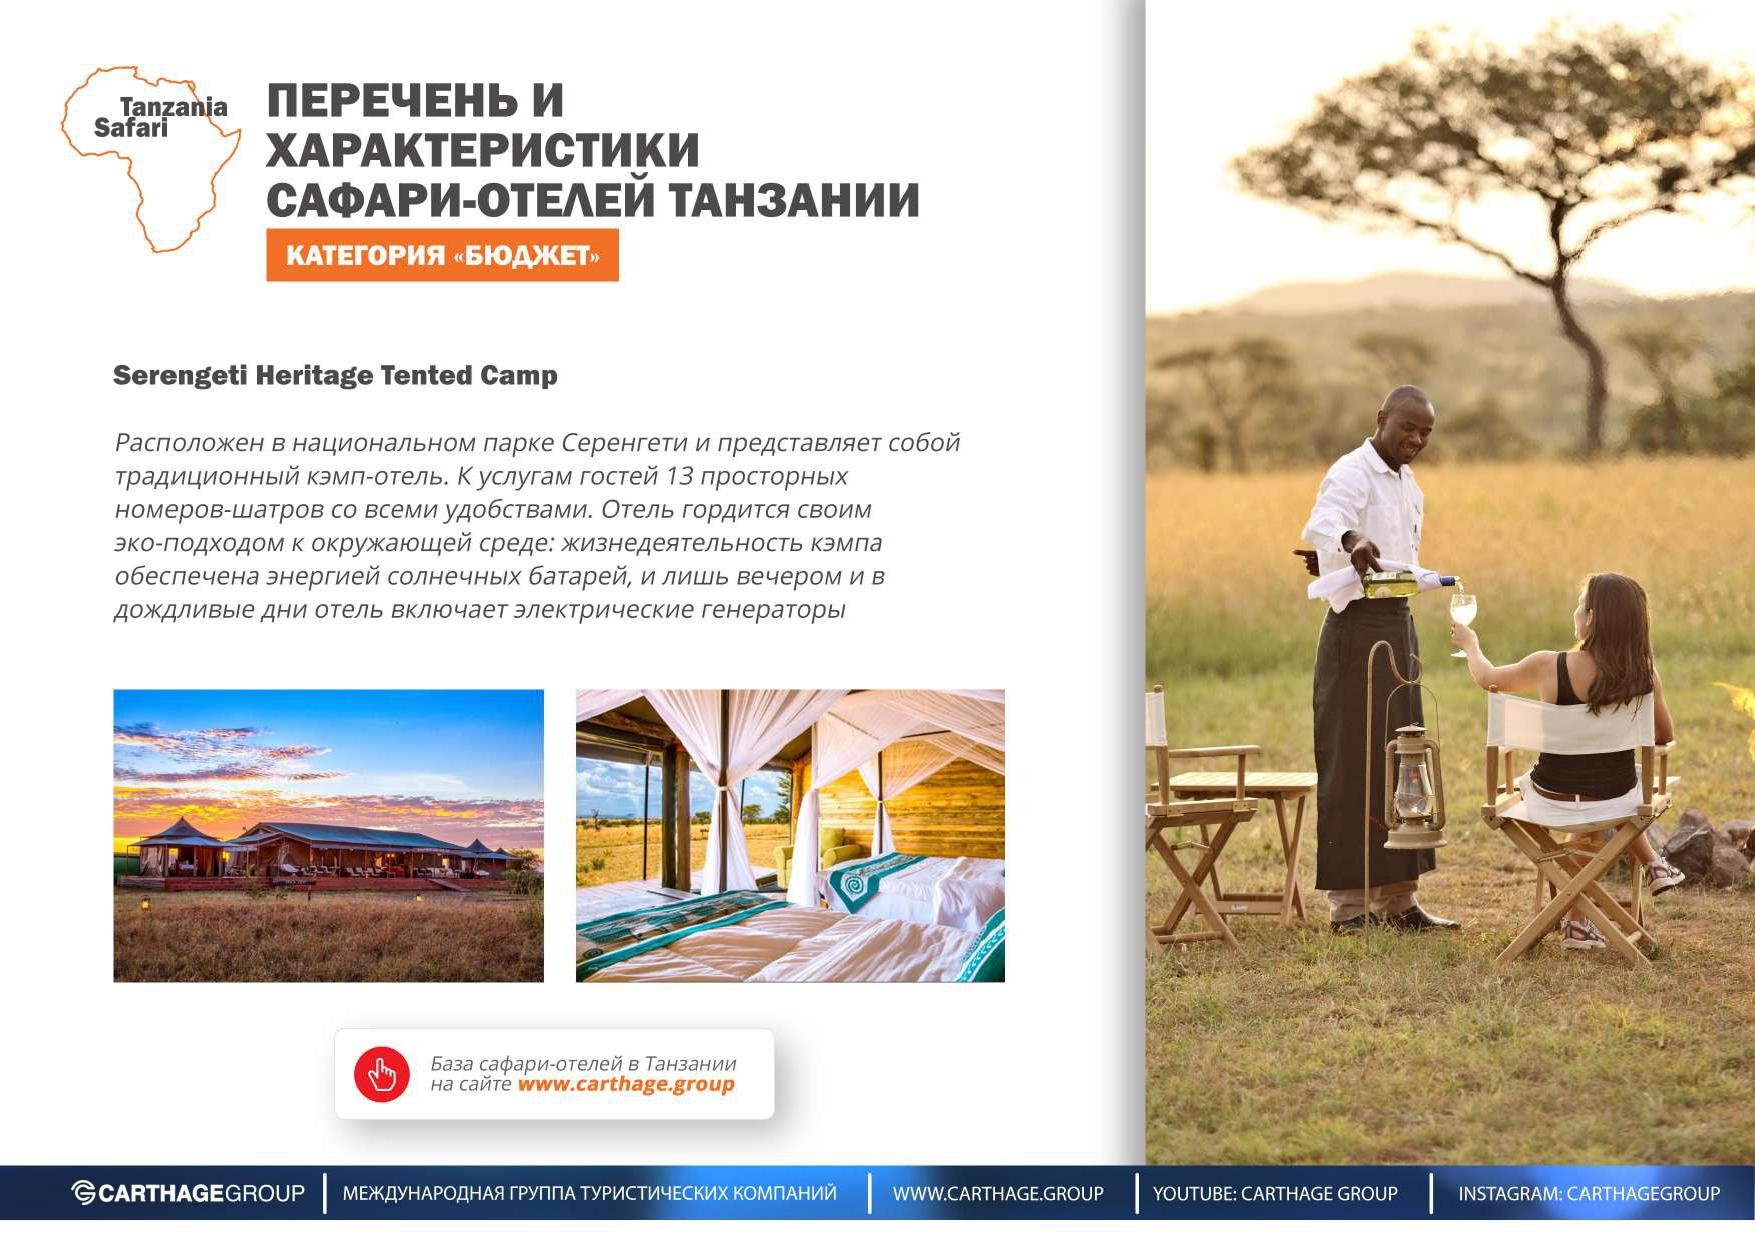 Танзания_2020_-_1_декабря - с ссылками_page-0022